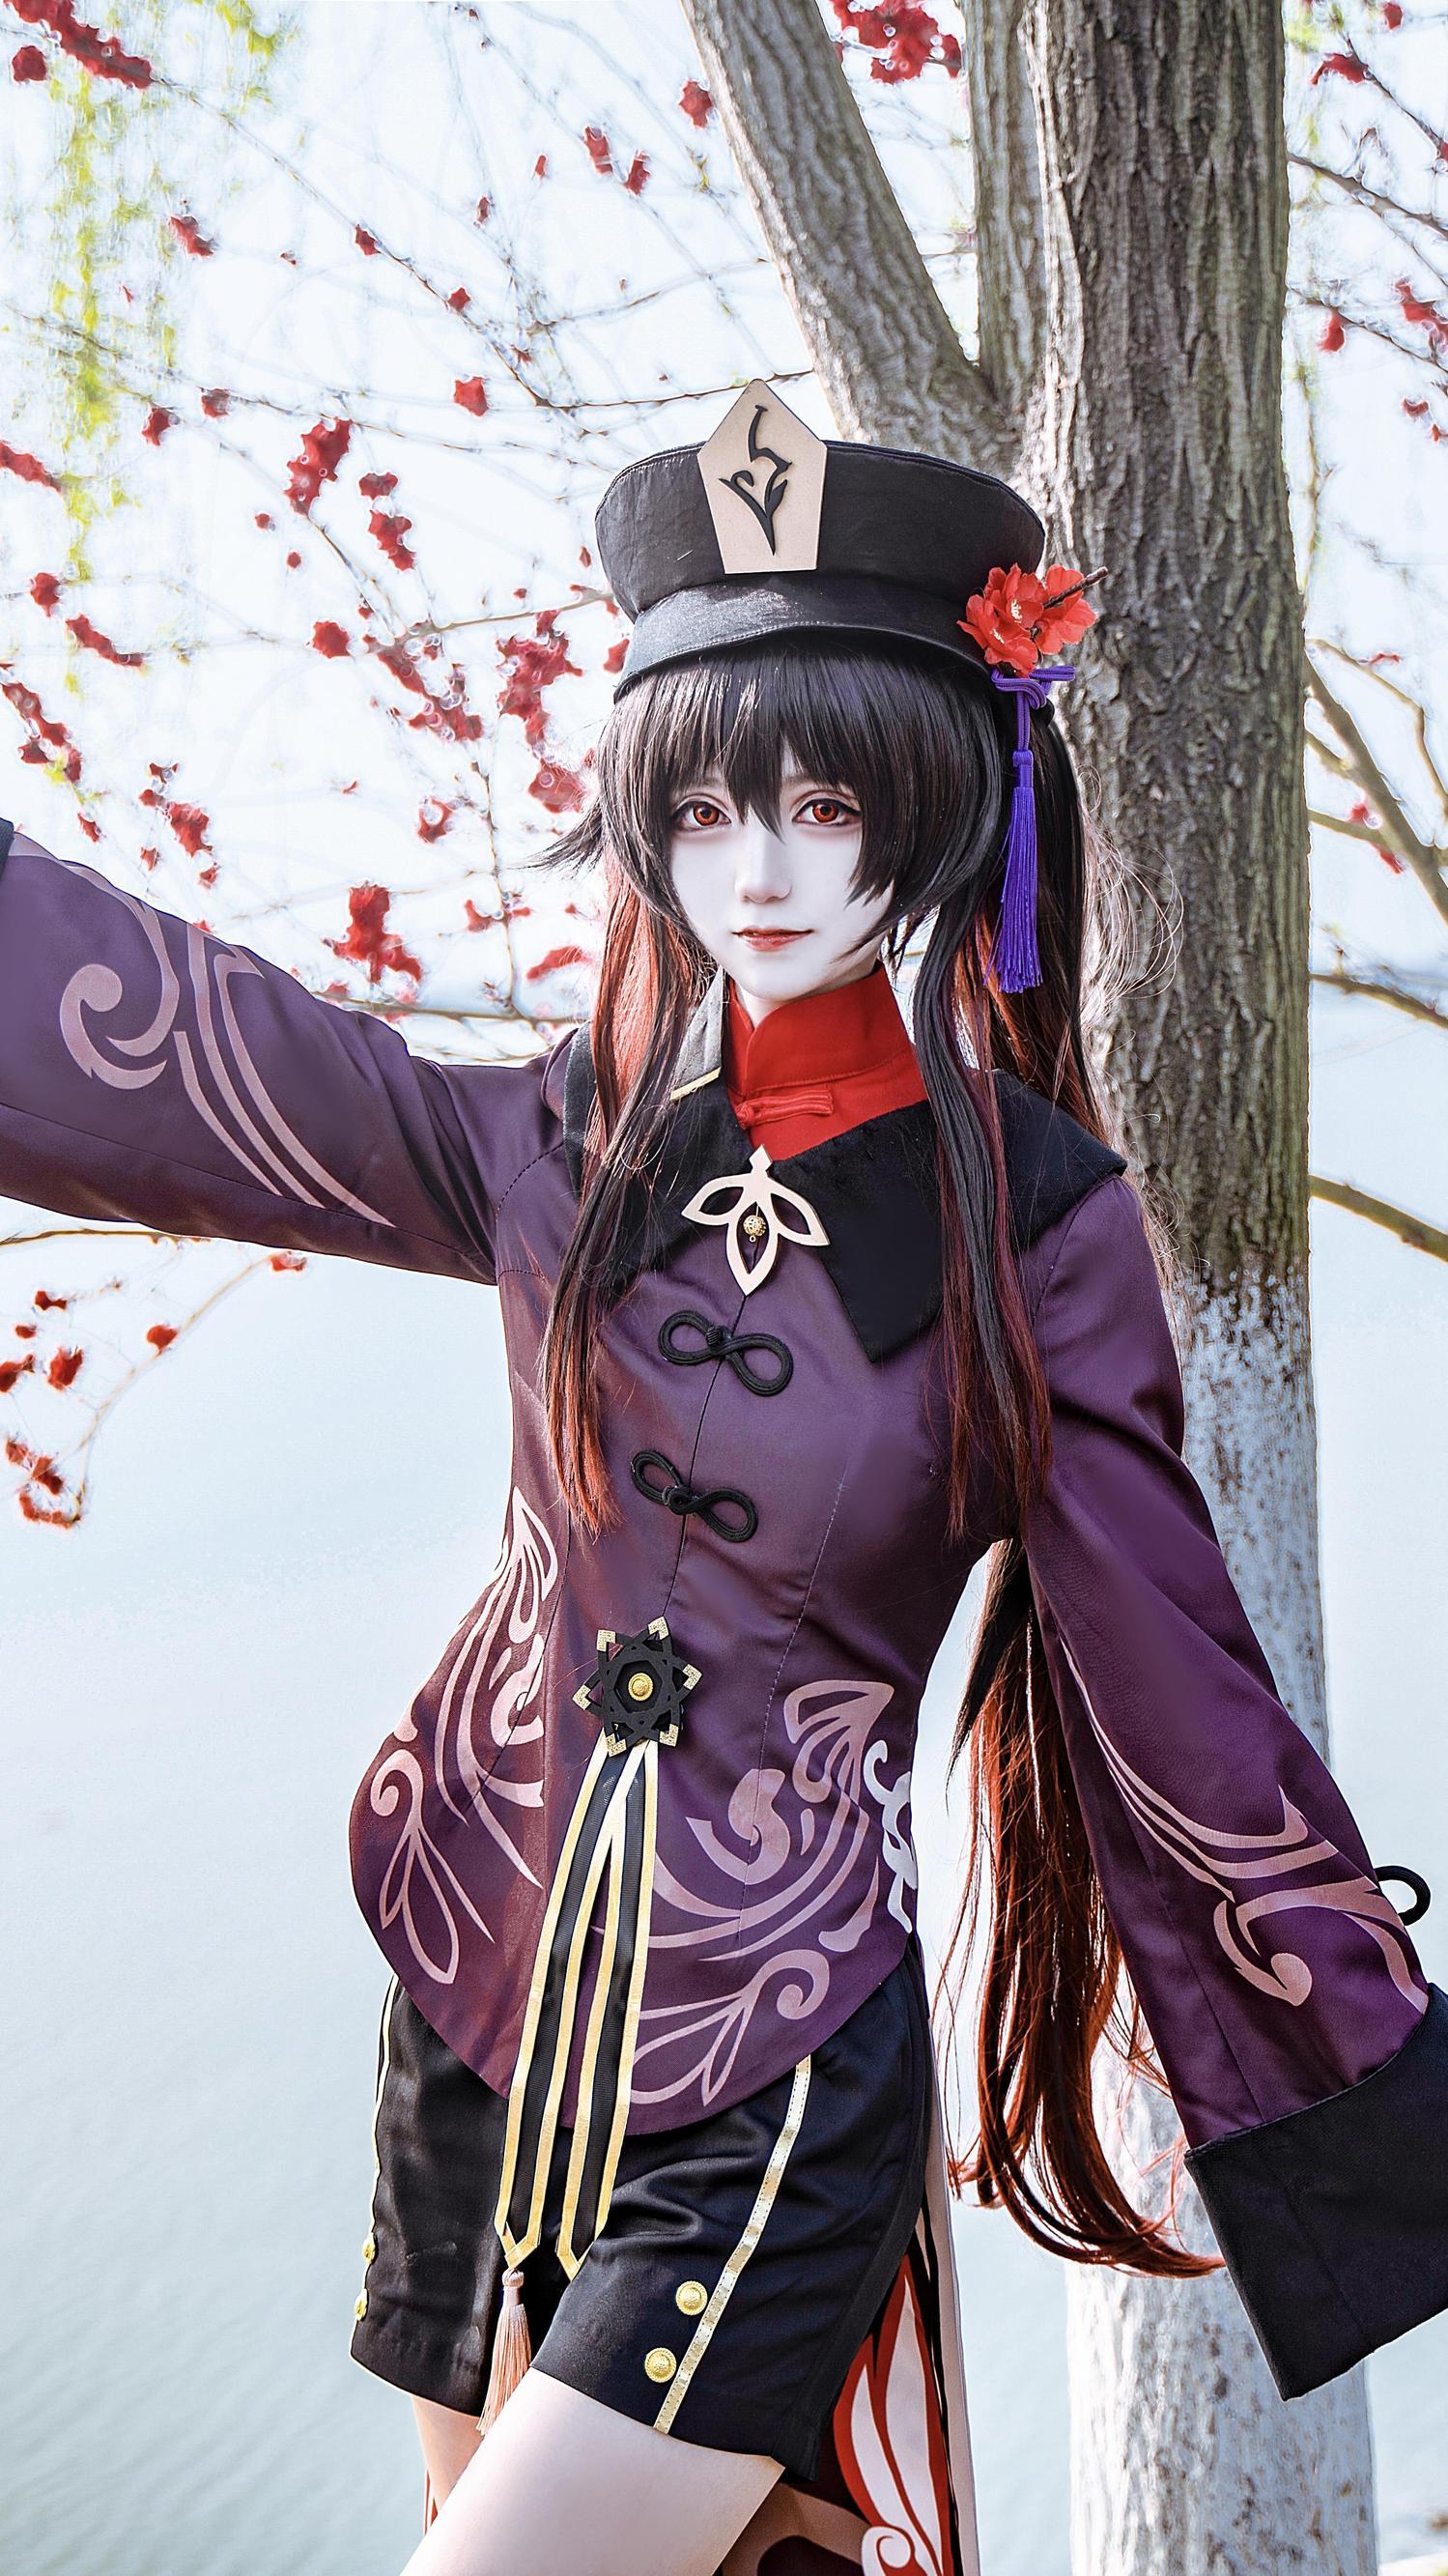 《原神》正片cosplay【CN:南千鲤Akirui】-第8张